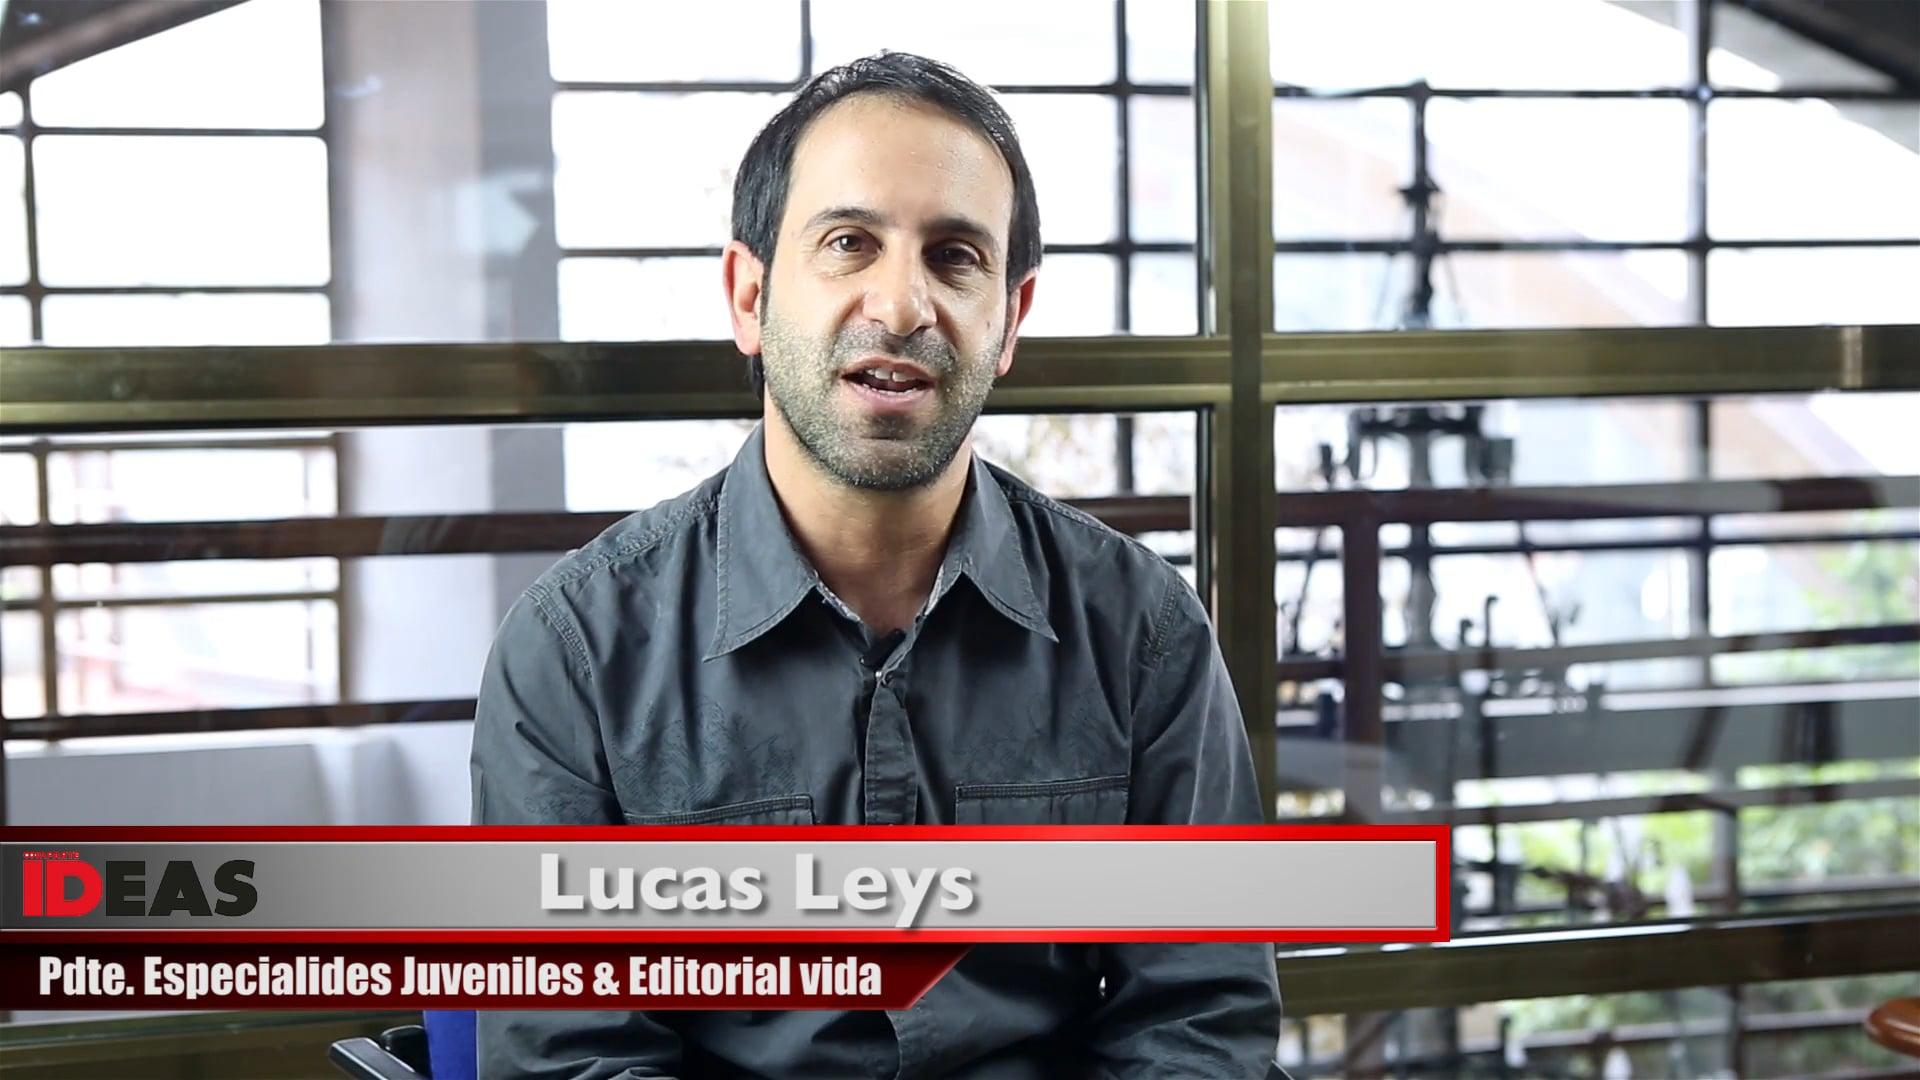 IDEAS. Lucas Leys. 3 ideas para el liderazgo juvenil.